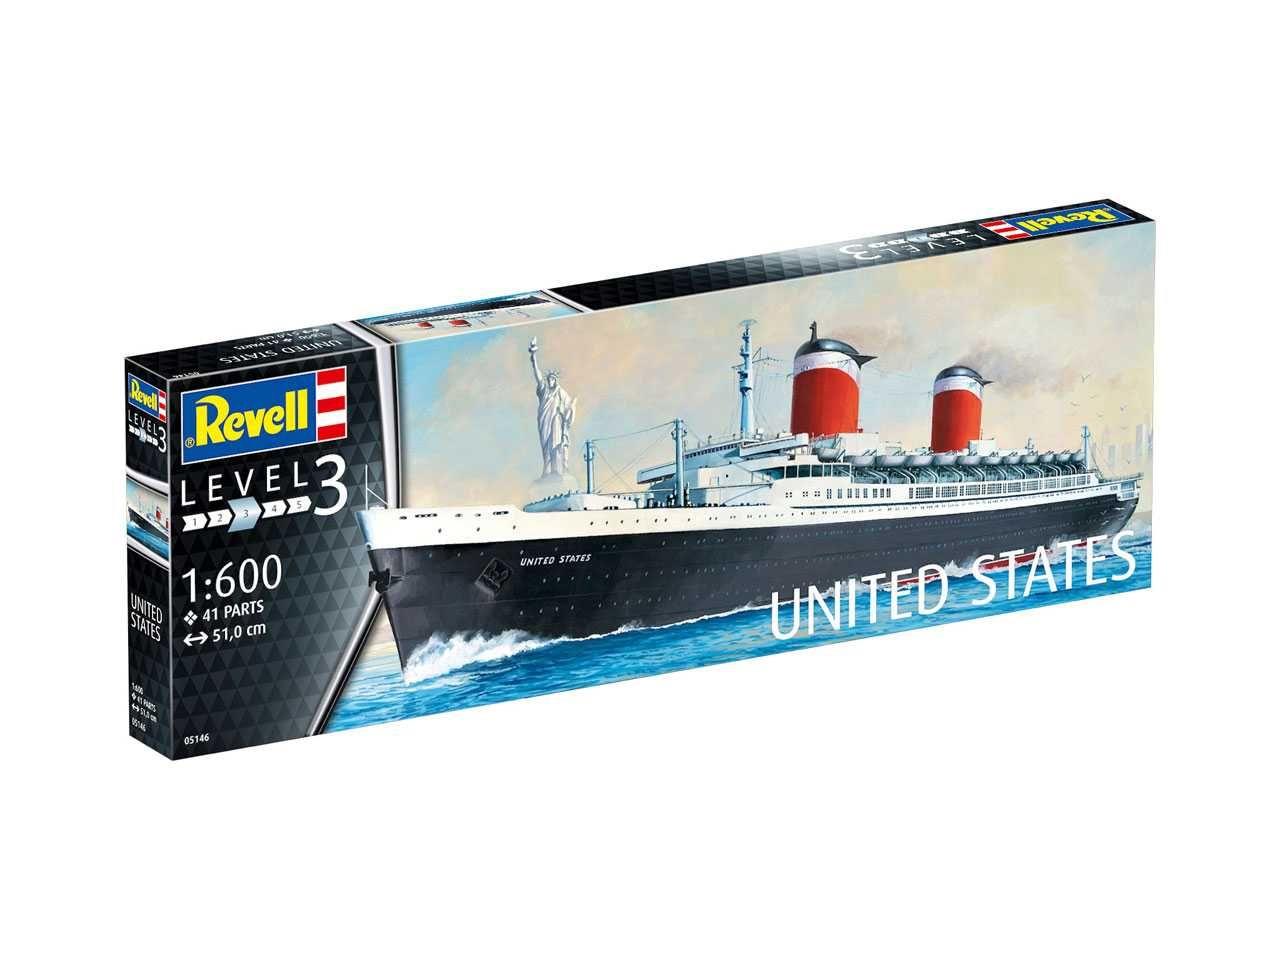 Revell maketa United States 1:600